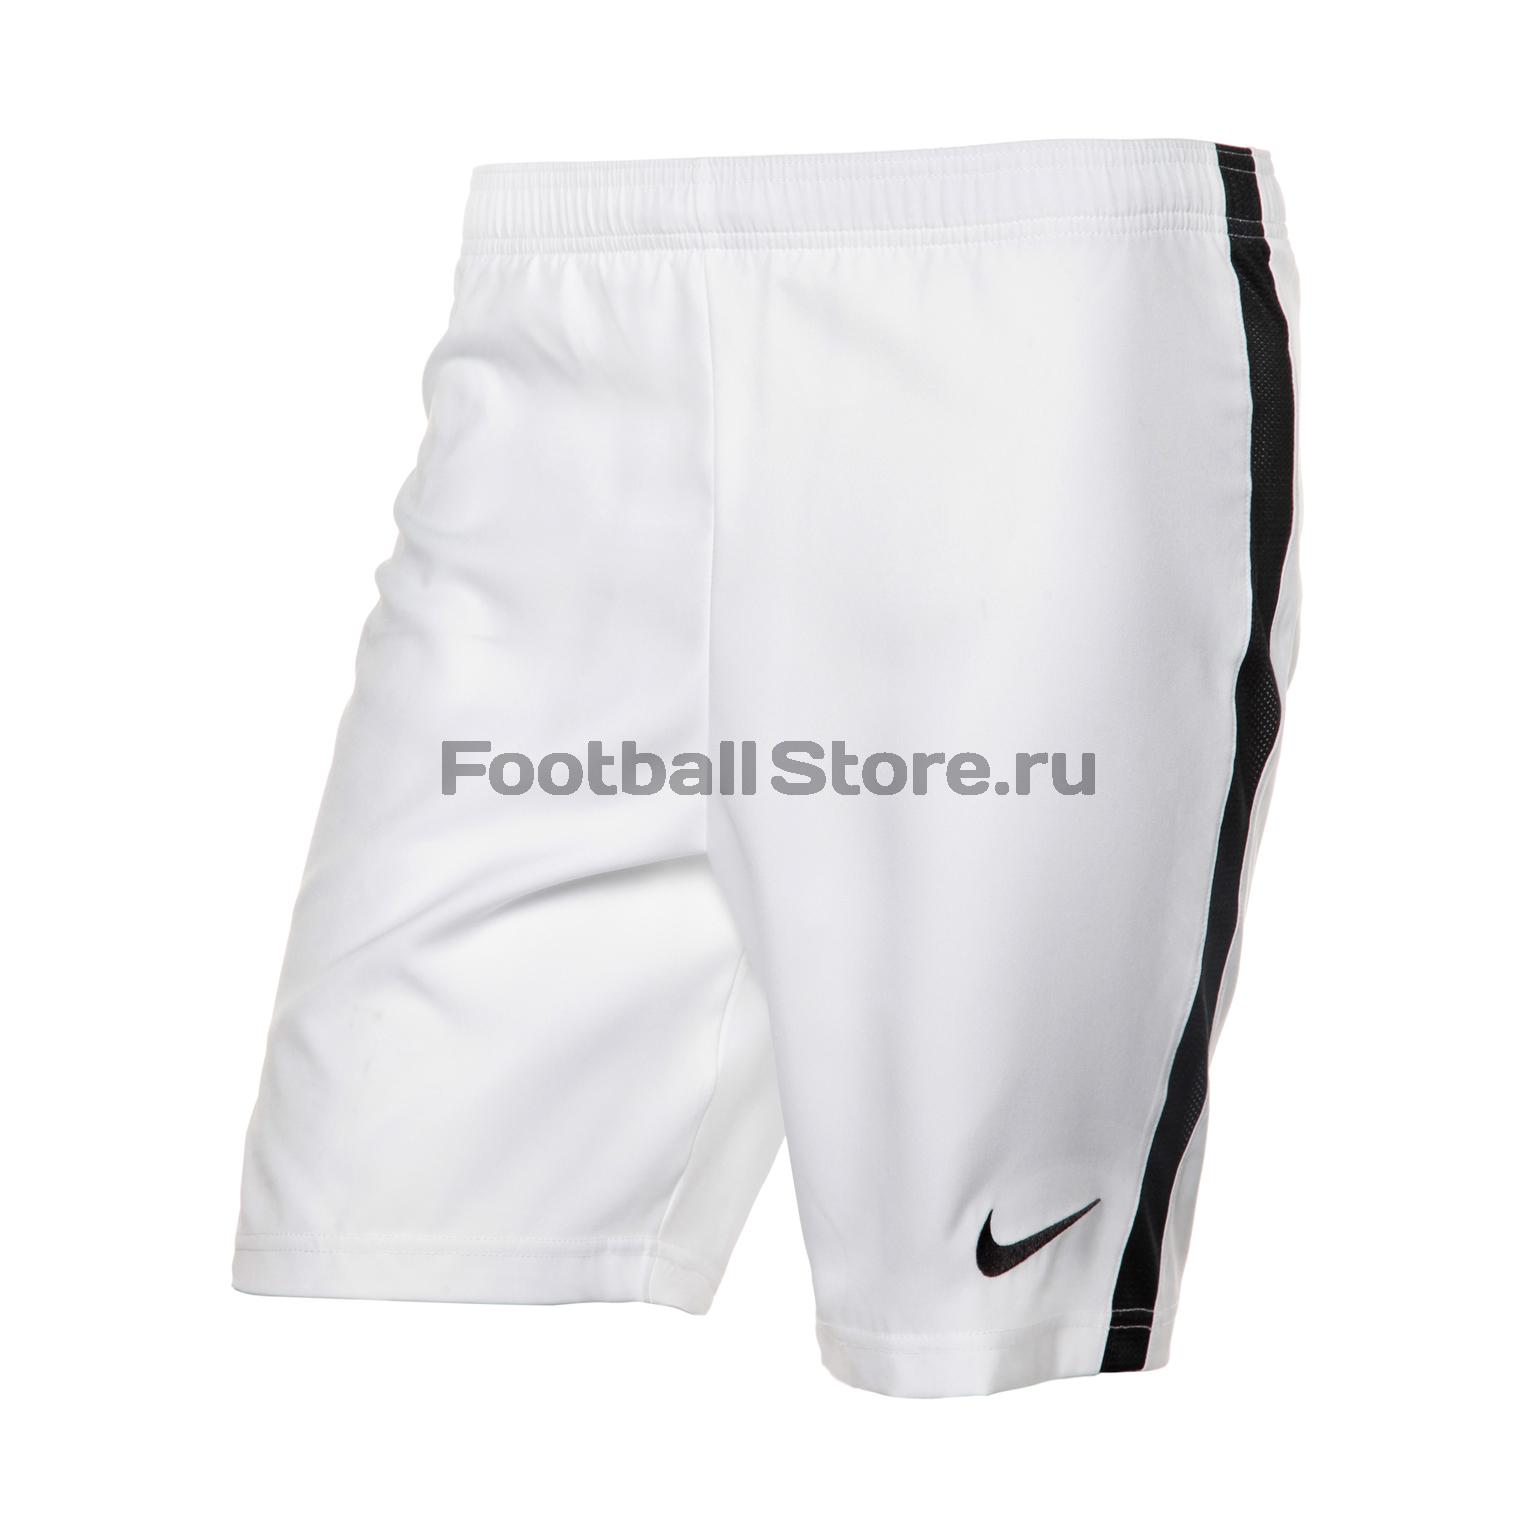 99cdf930 Шорты игровые Nike Dry Short II WVN 894331-100 – купить в интернет магазине  footballstore, цена, фото